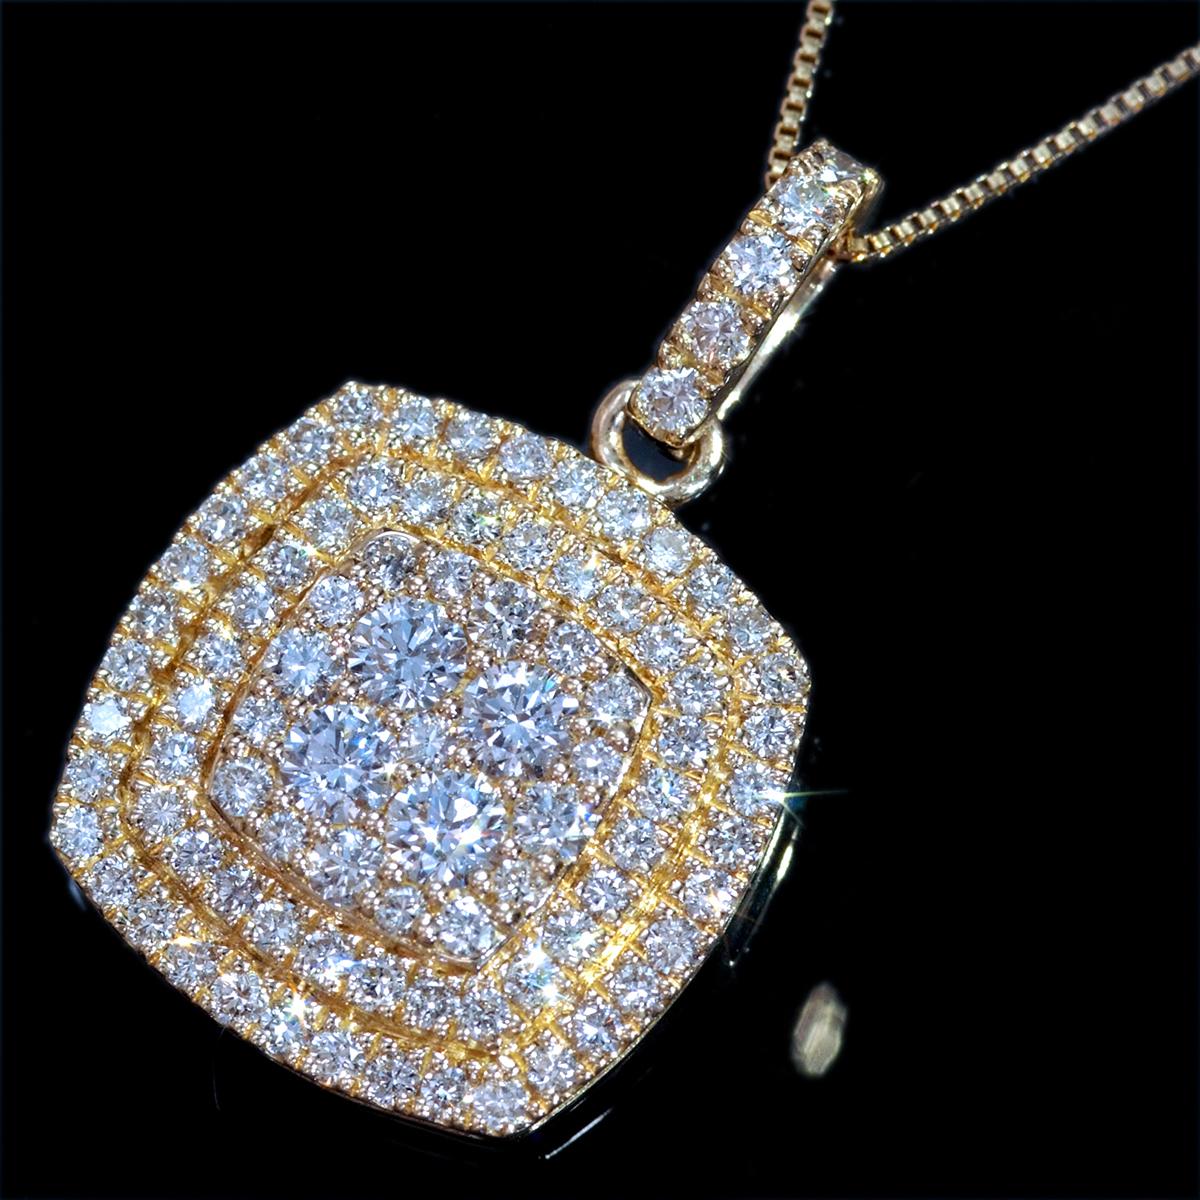 *PN6311 新品業者向!【Table Necklace】テーブルネックレス 天然上質ダイヤモンド1.00ct 最高級18金無垢ネックレス